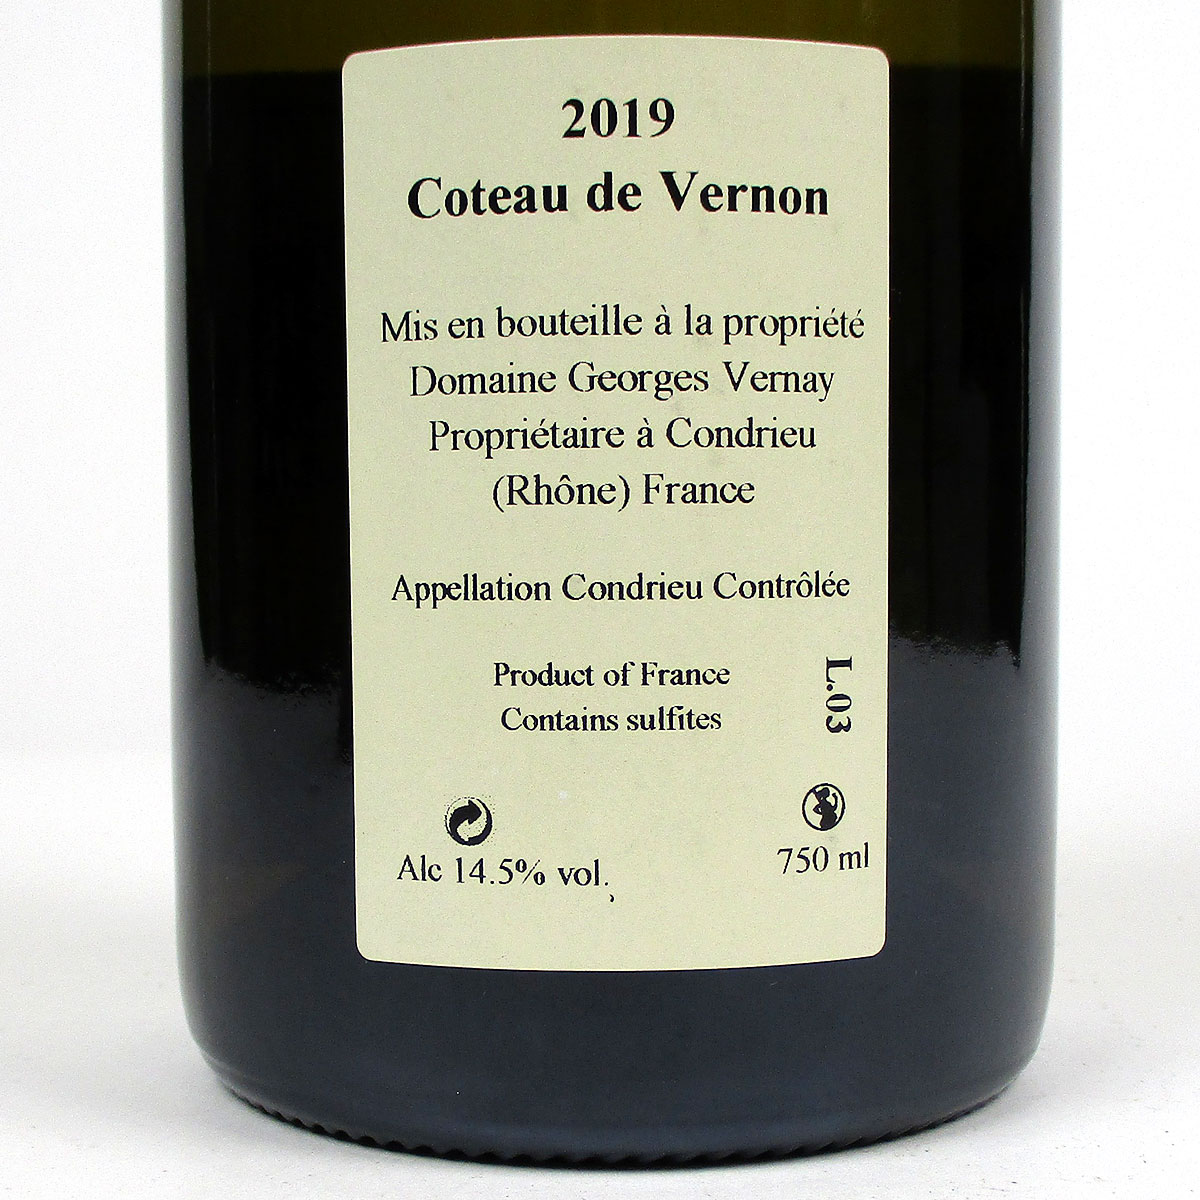 Condrieu: Domaine Georges Vernay 'Coteau de Vernon' 2019 - Bottle Rear Label